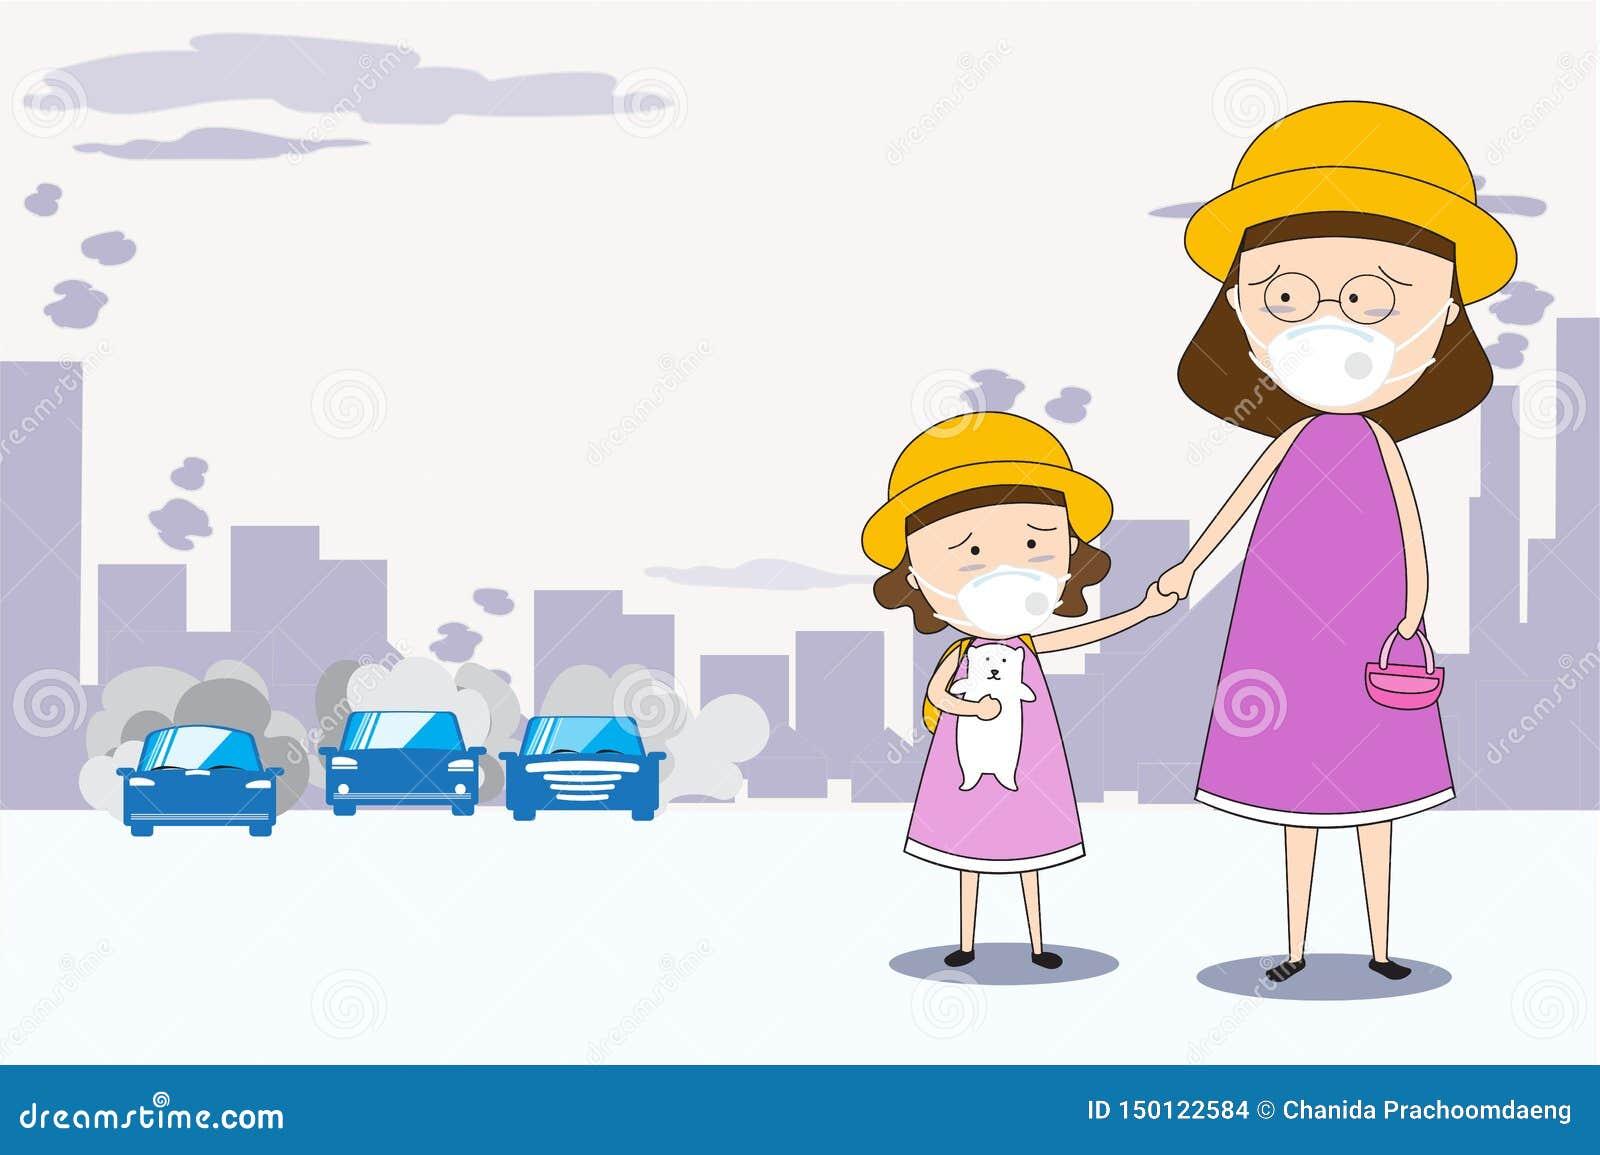 Modern och dottern går till skola- och klädermaskeringar N95 för att förhindra luftförorening i staden e.m. 2 _5 i damm meter